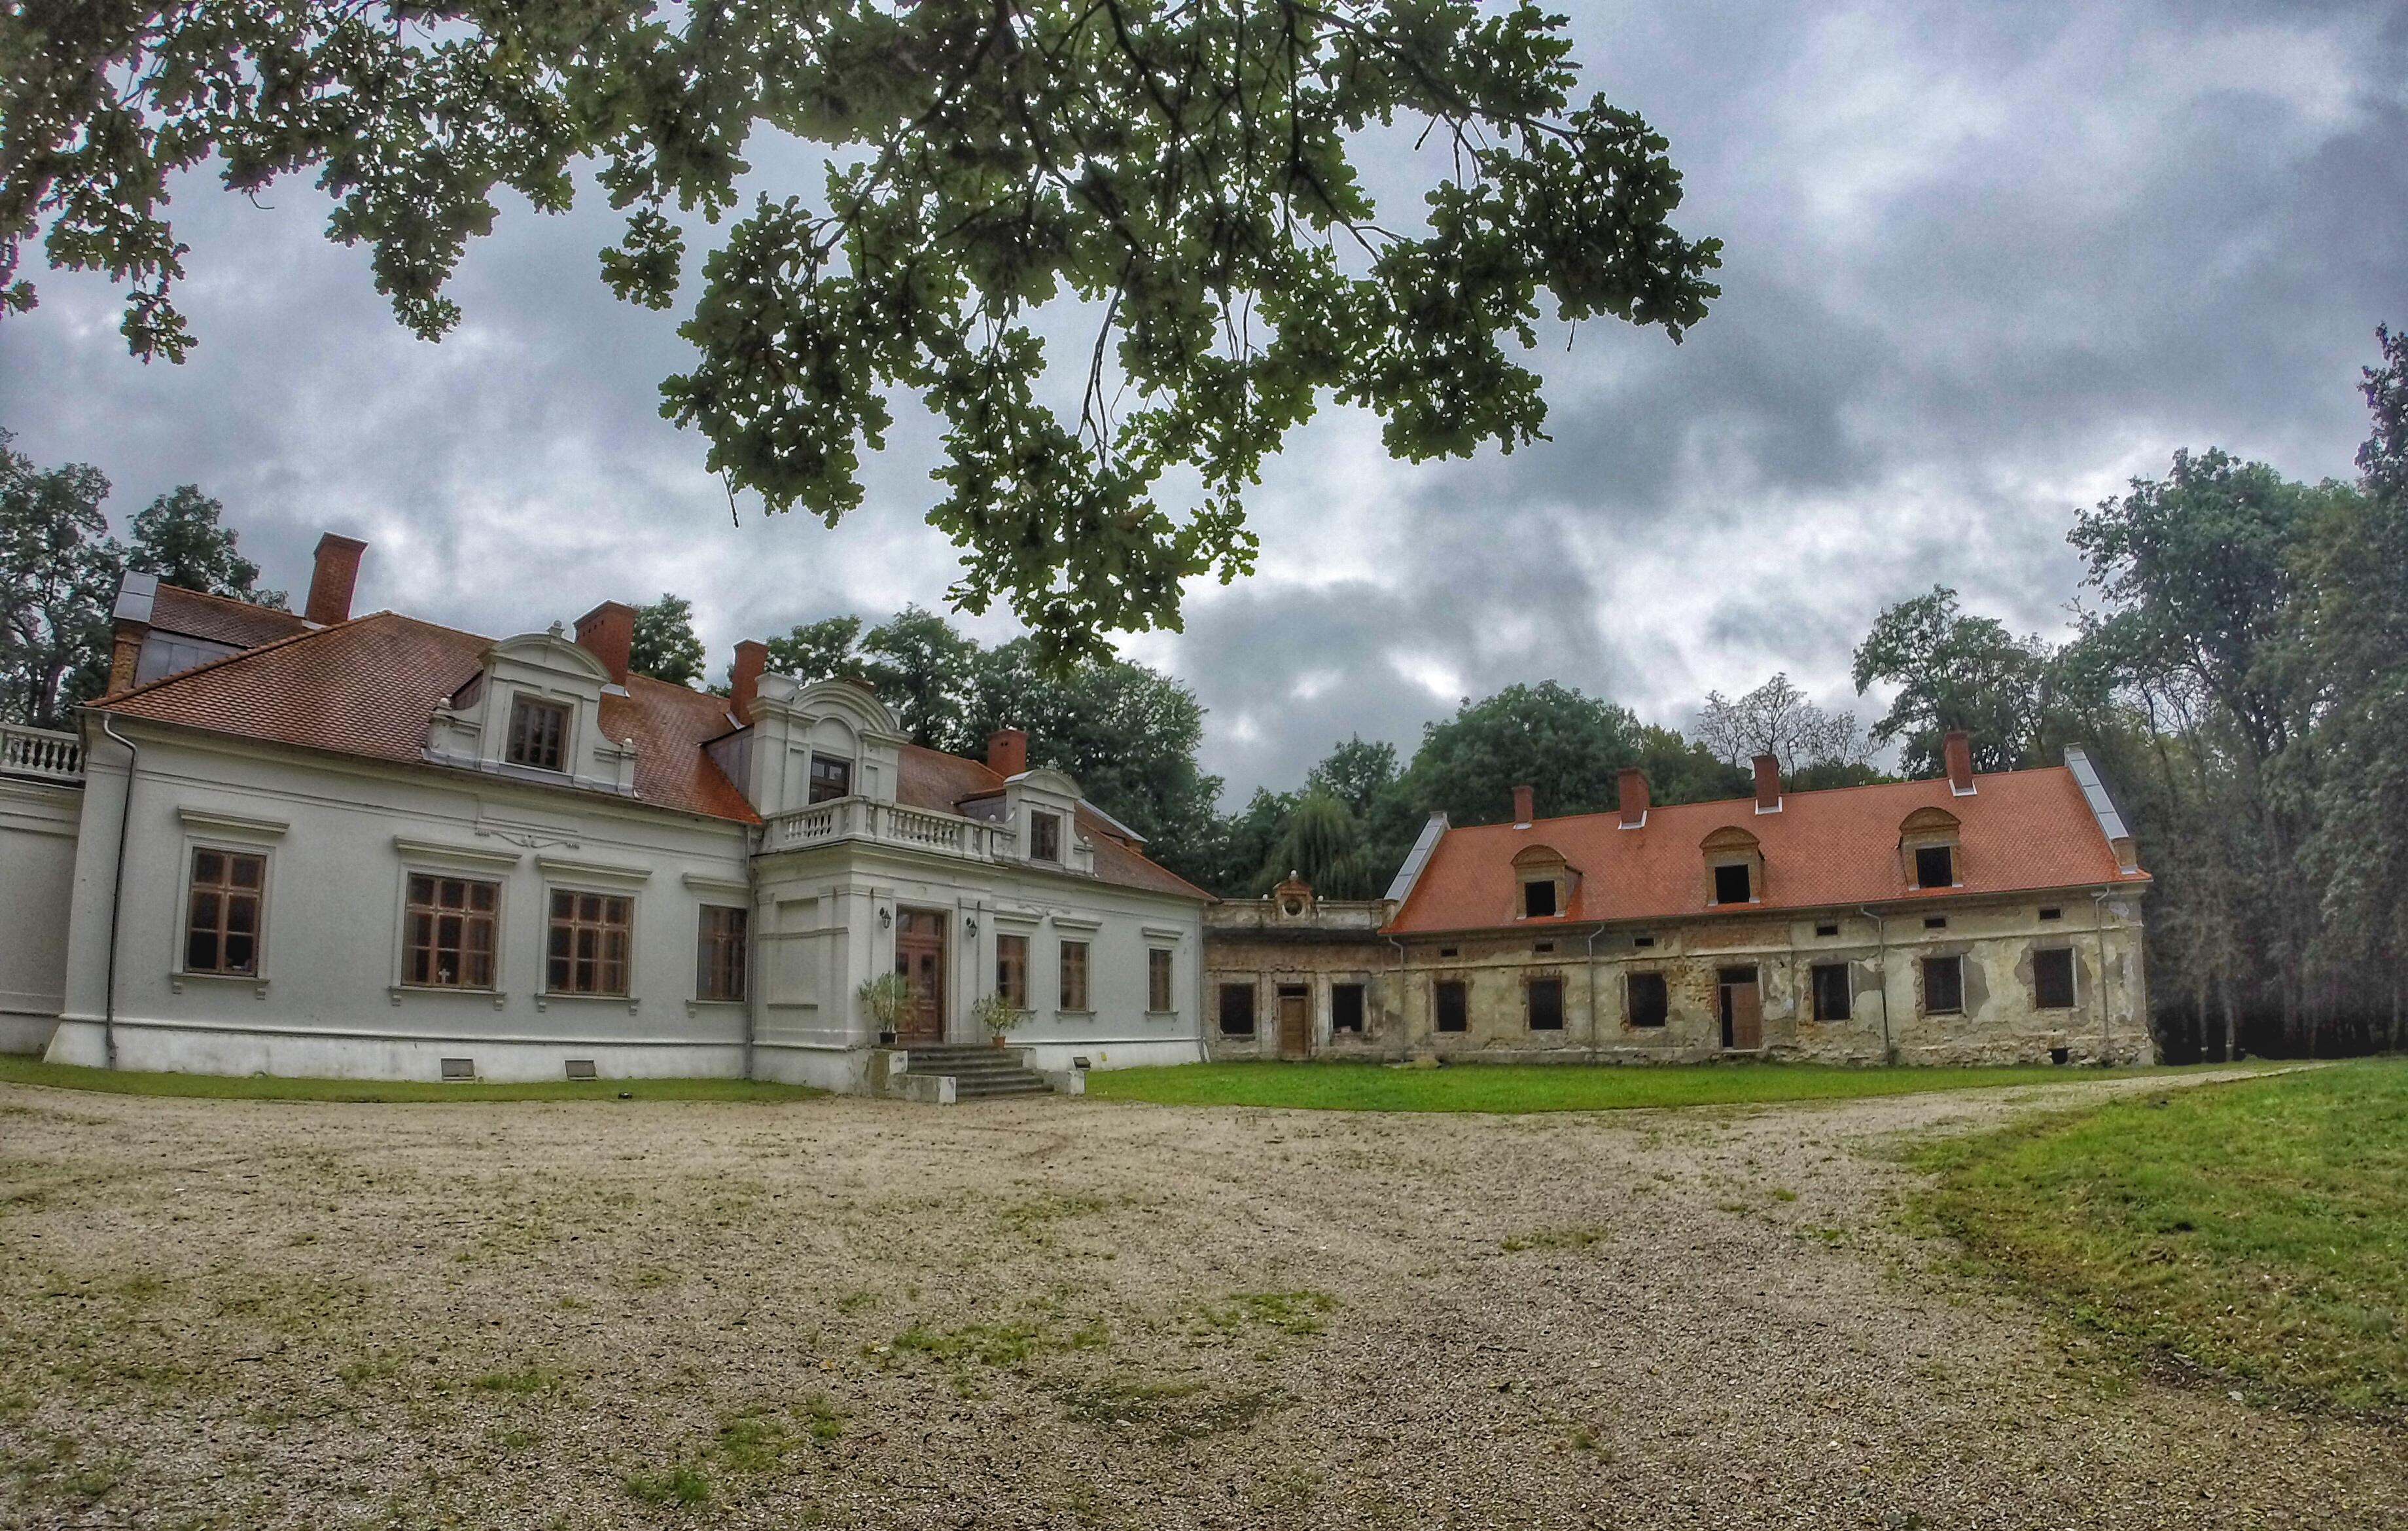 Właściwy DOM, czyli dworek w Sichowie, w trakcie restauracji To tutaj mieści się słynna Biblioteka Radziwiłłów.